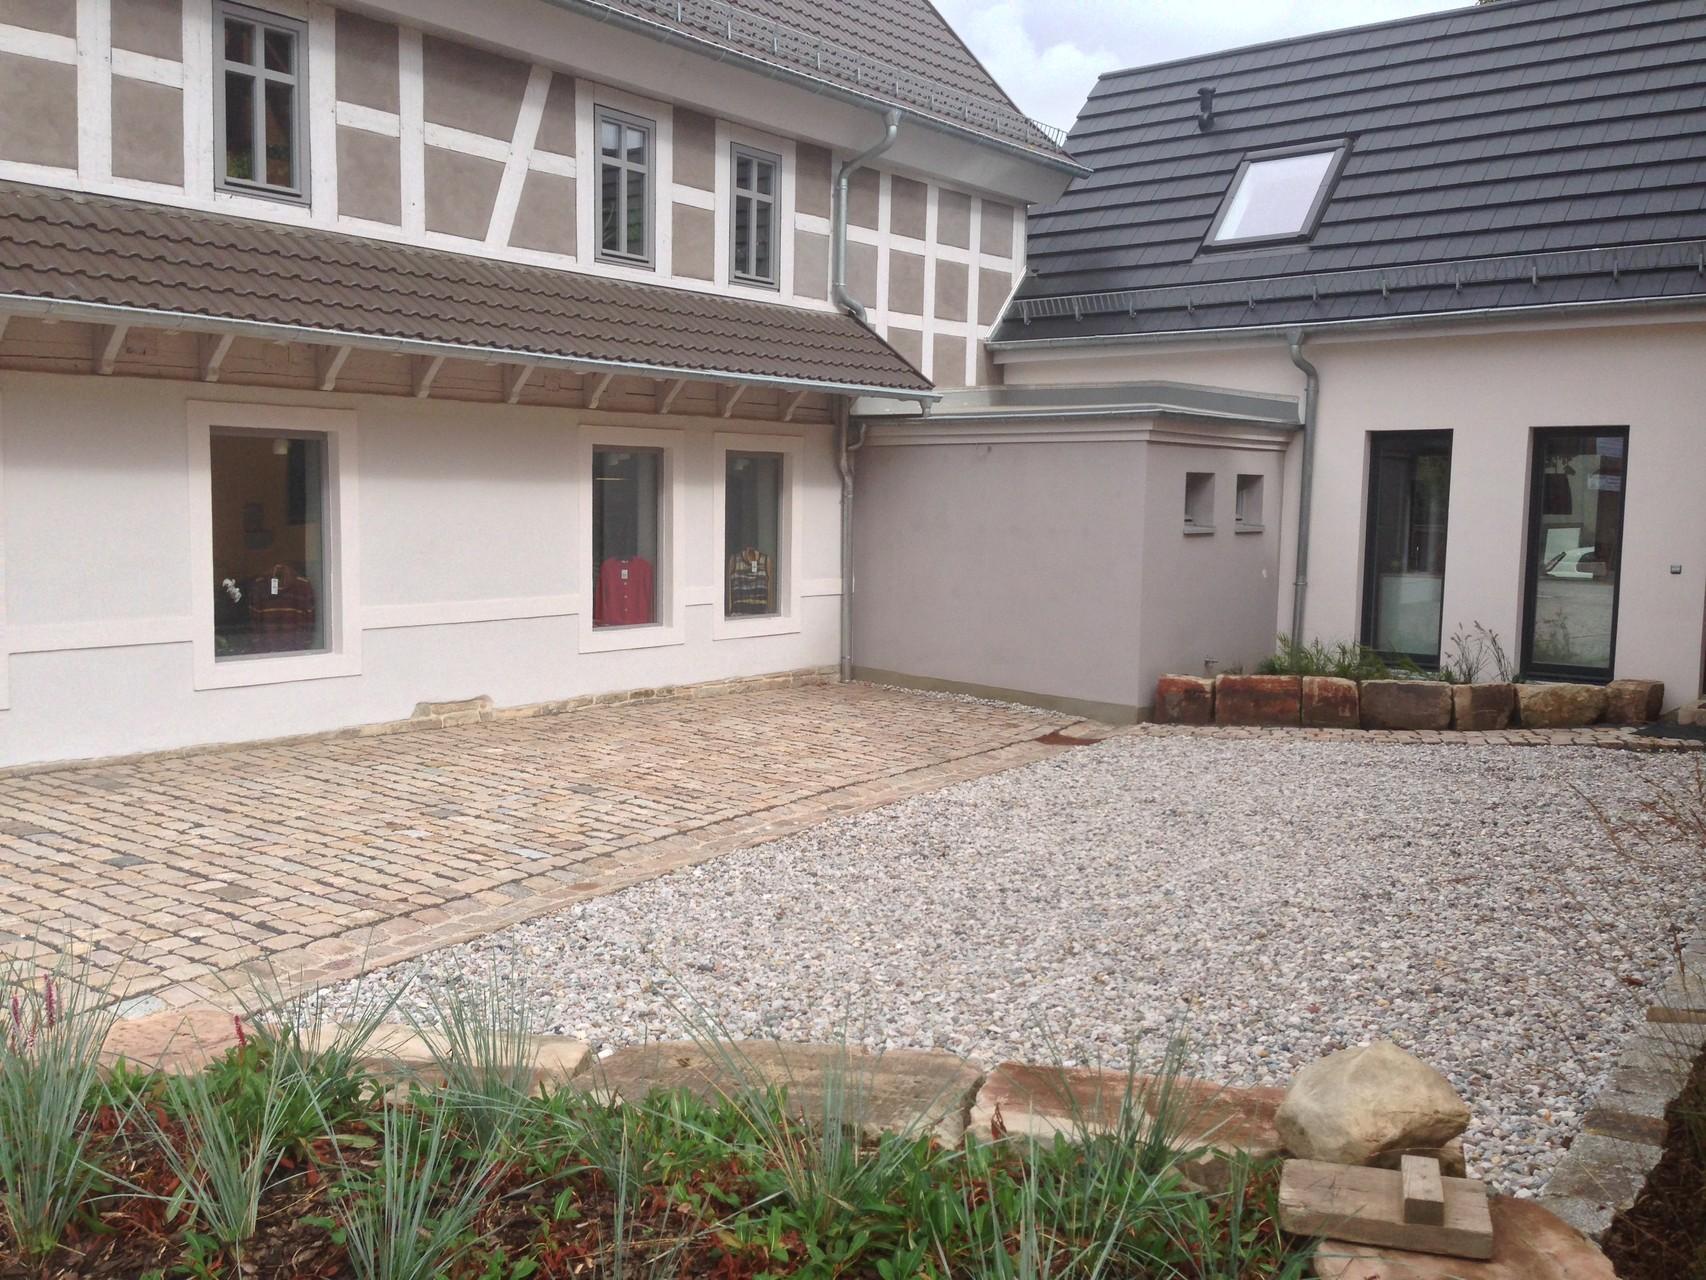 Vorderhofgestaltung mit Naturstein-Großpflaster und Rollkies